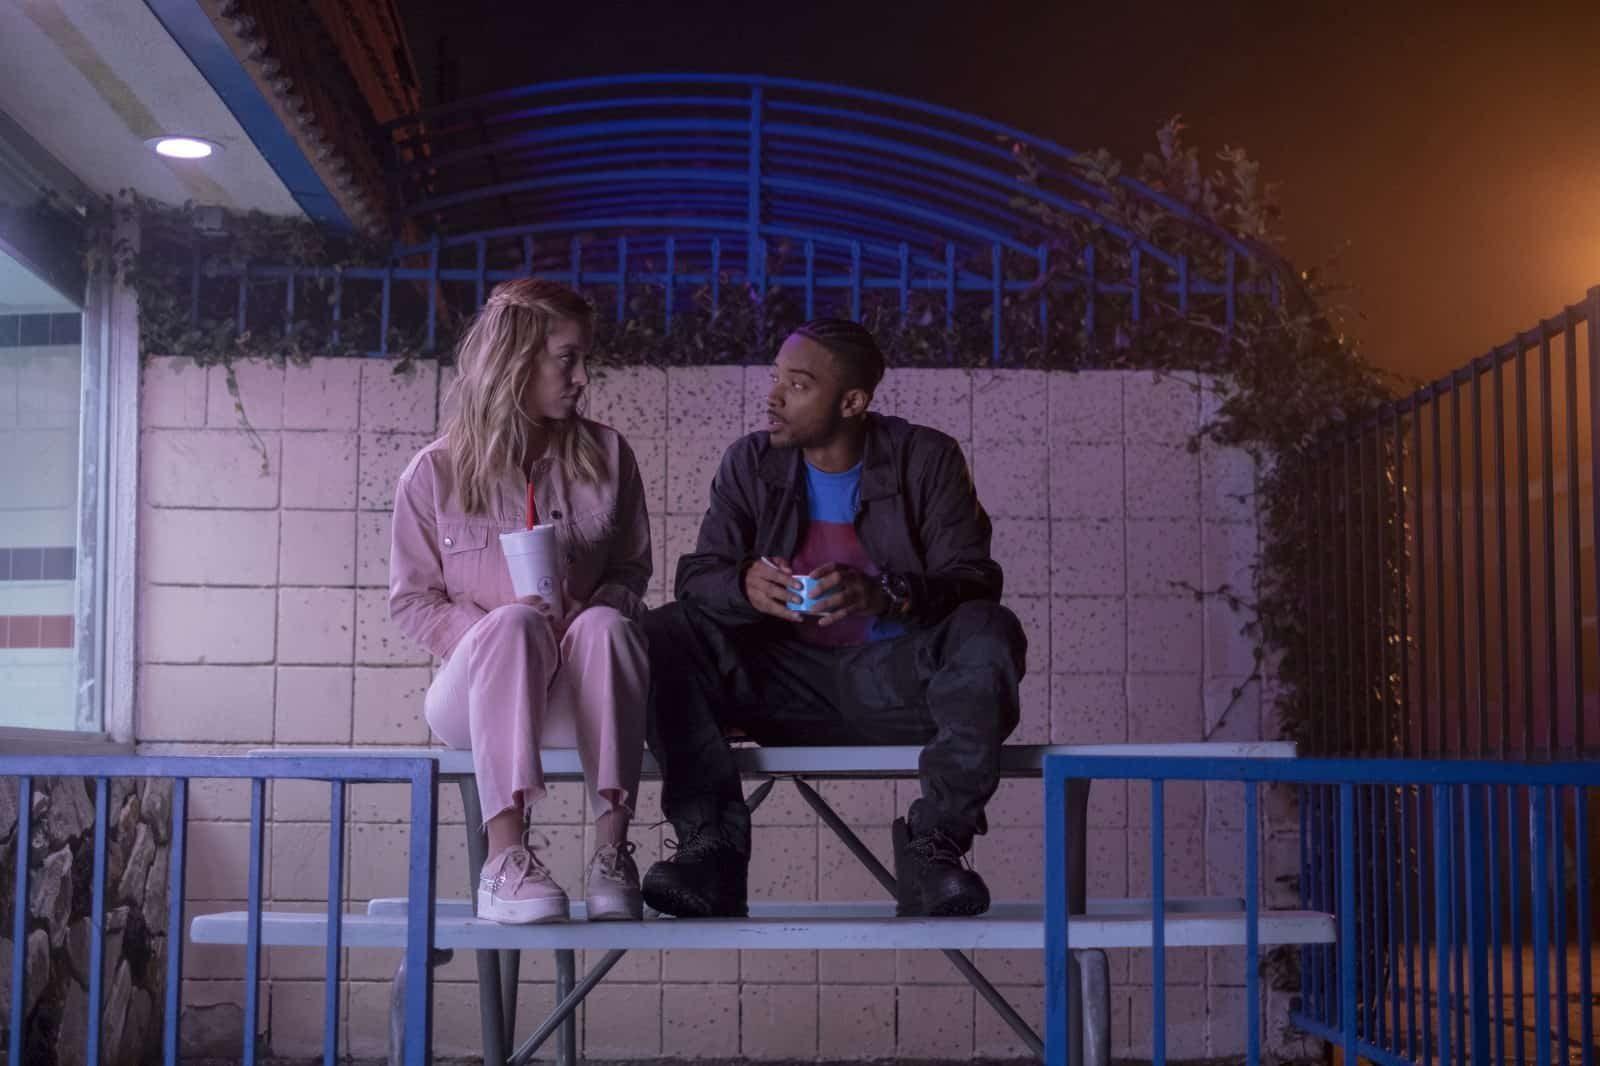 Cassie (Sydney Sweeney) y McKay (Algee Smith) en Euphoria Temporada 1 Capitulo 5